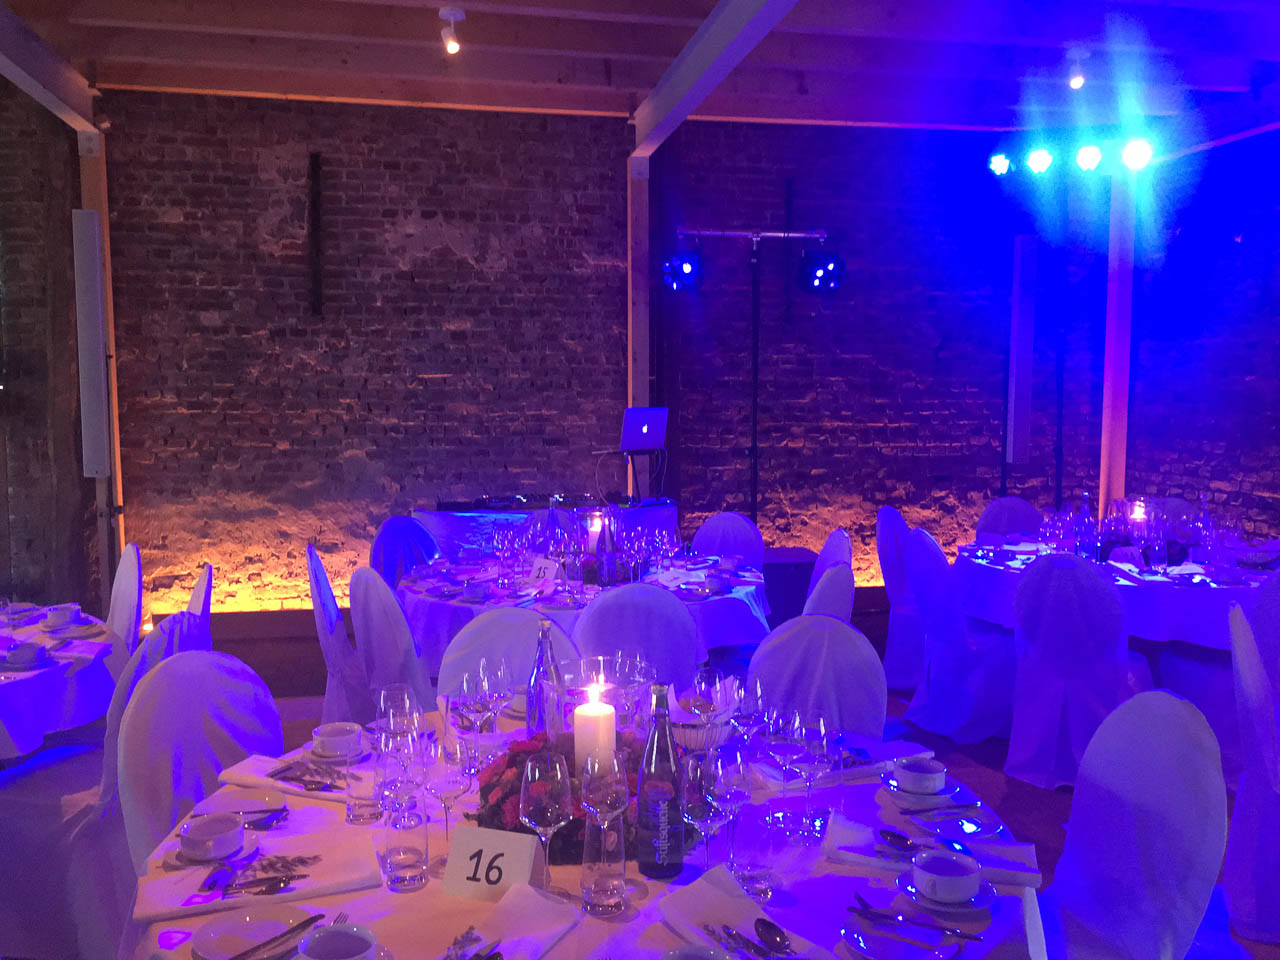 Party-Licht in der Hochzeitsscheune